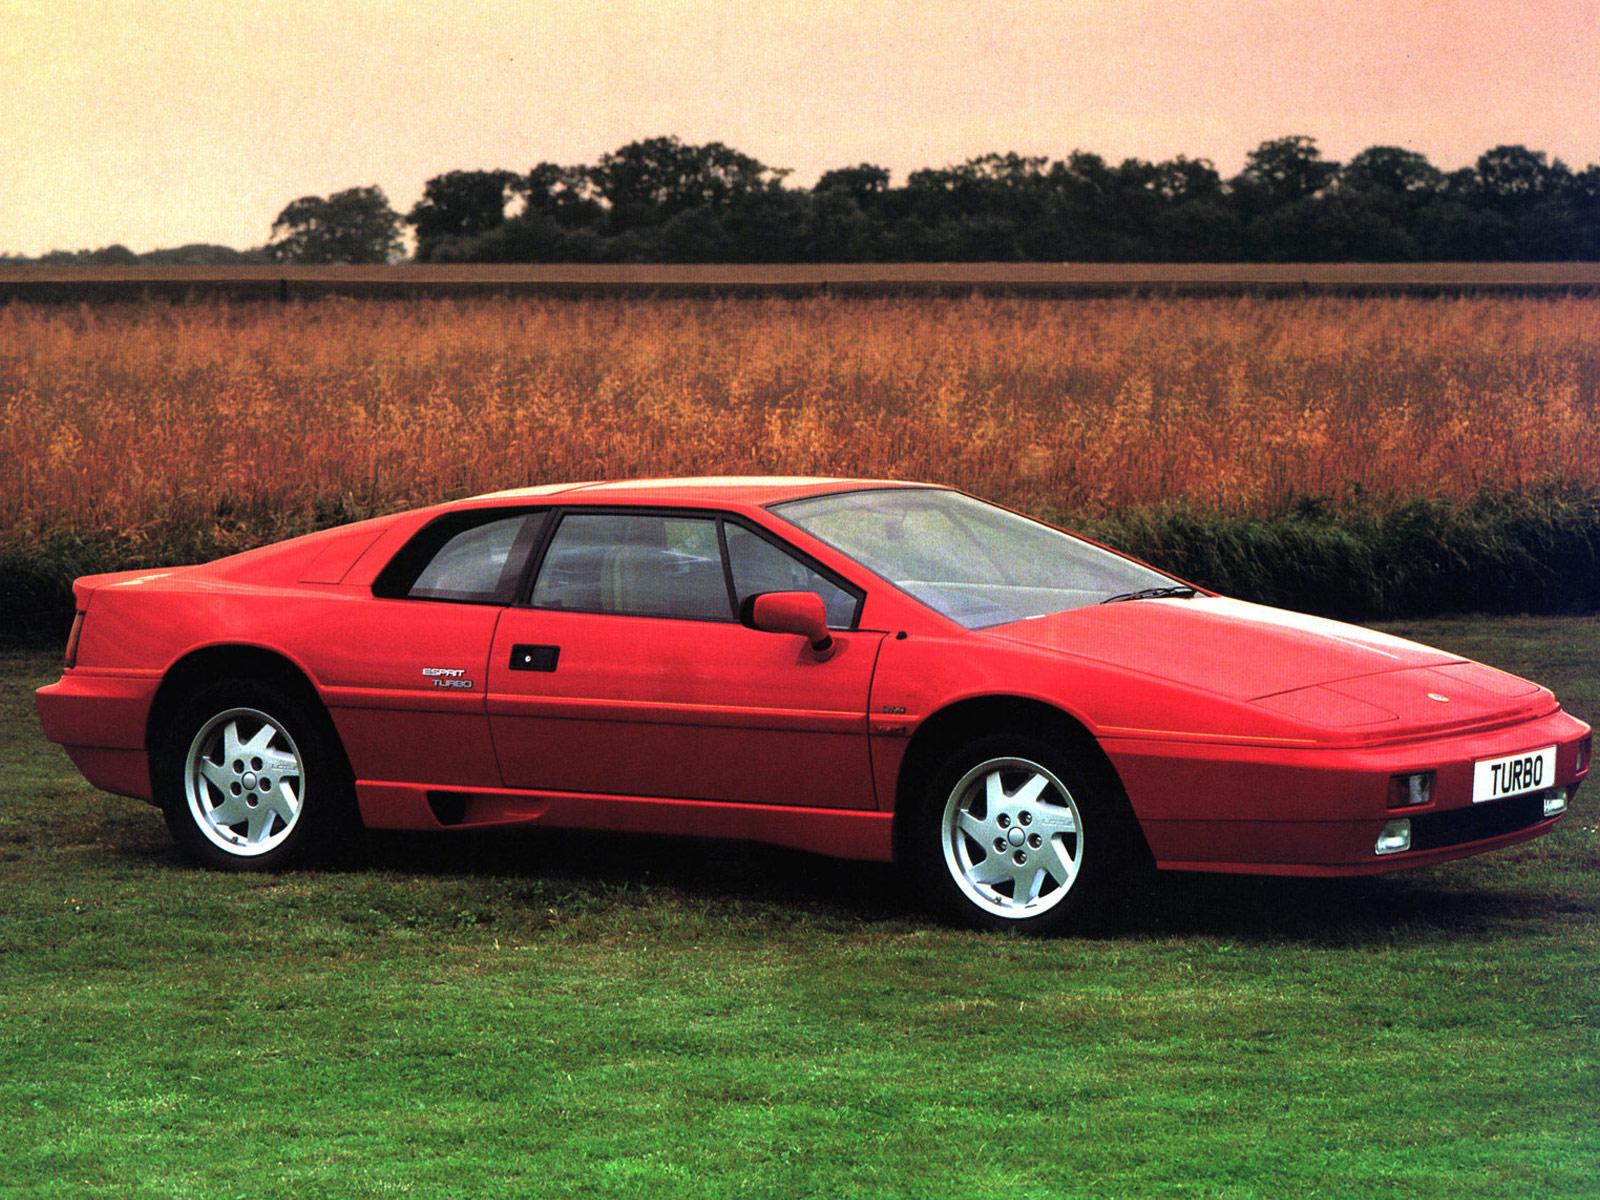 1980 LOTUS Esprit Turbo Car Picture